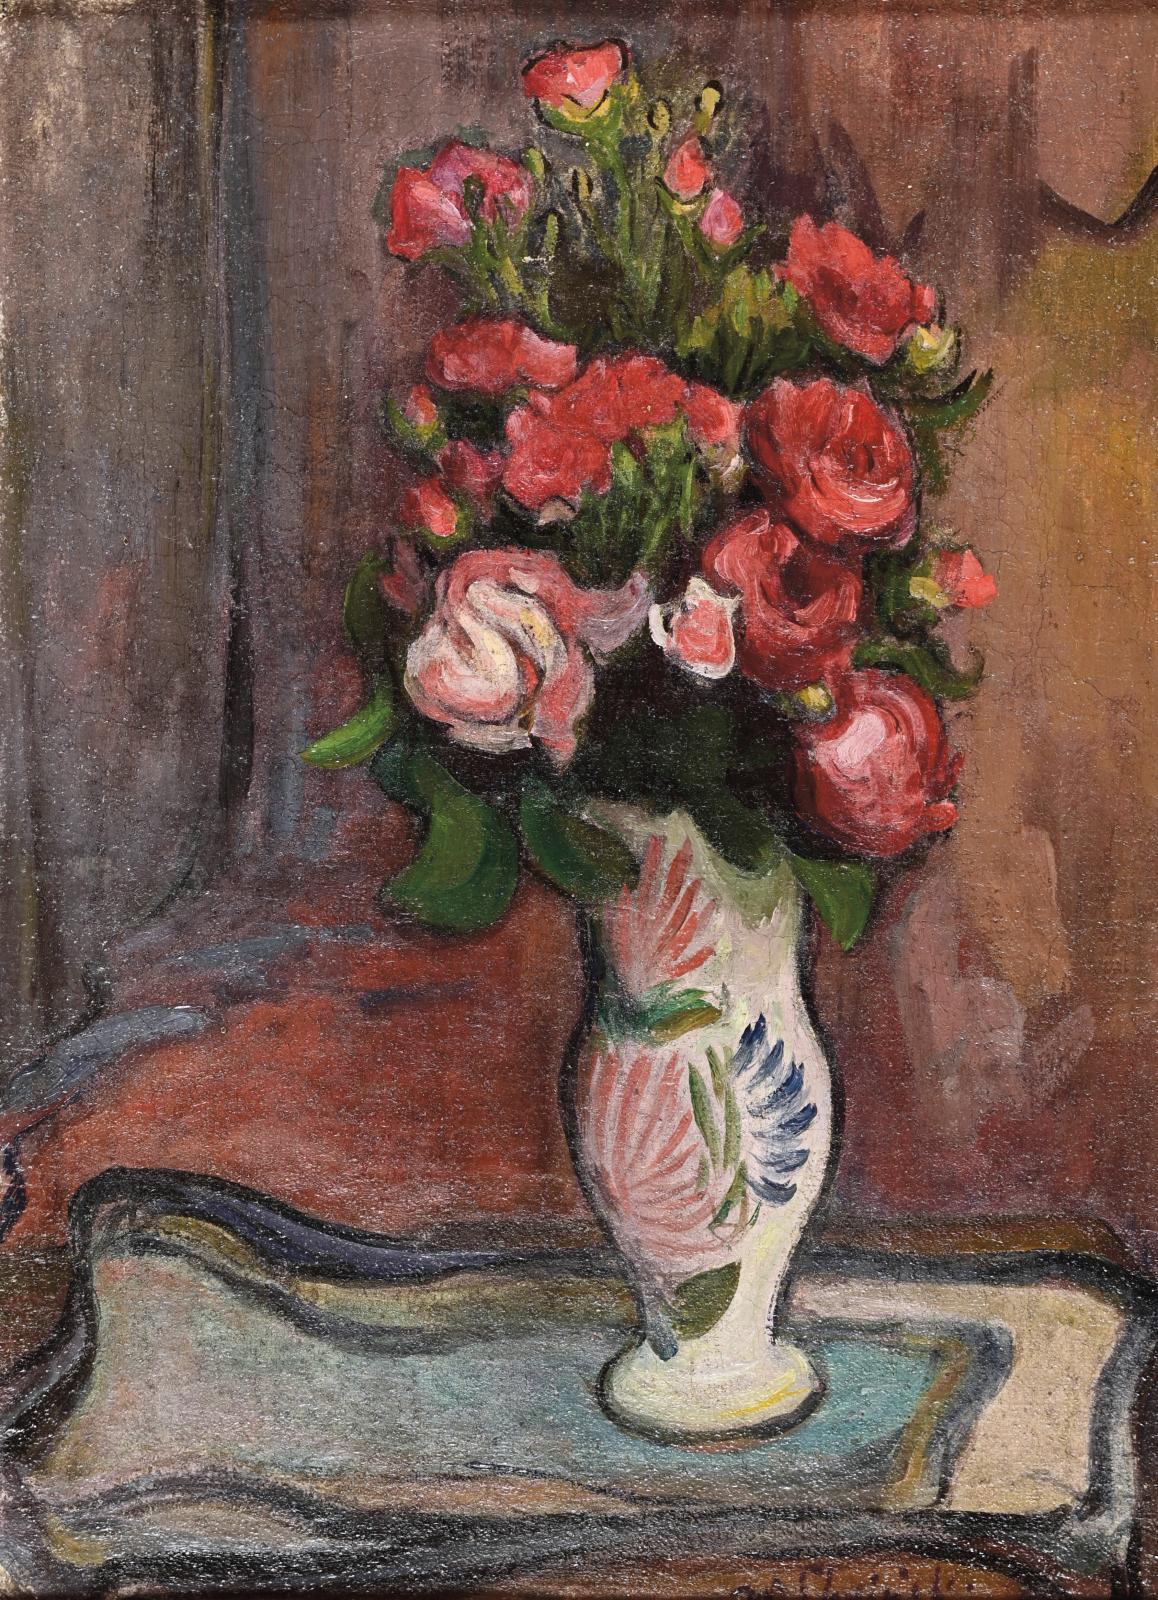 Né en Pologne près de Lodz, Wladyslaw Slewinski (1854-1918) est venu étudier la peinture à Paris en 1888, s'inscrivant à l'académie Julian